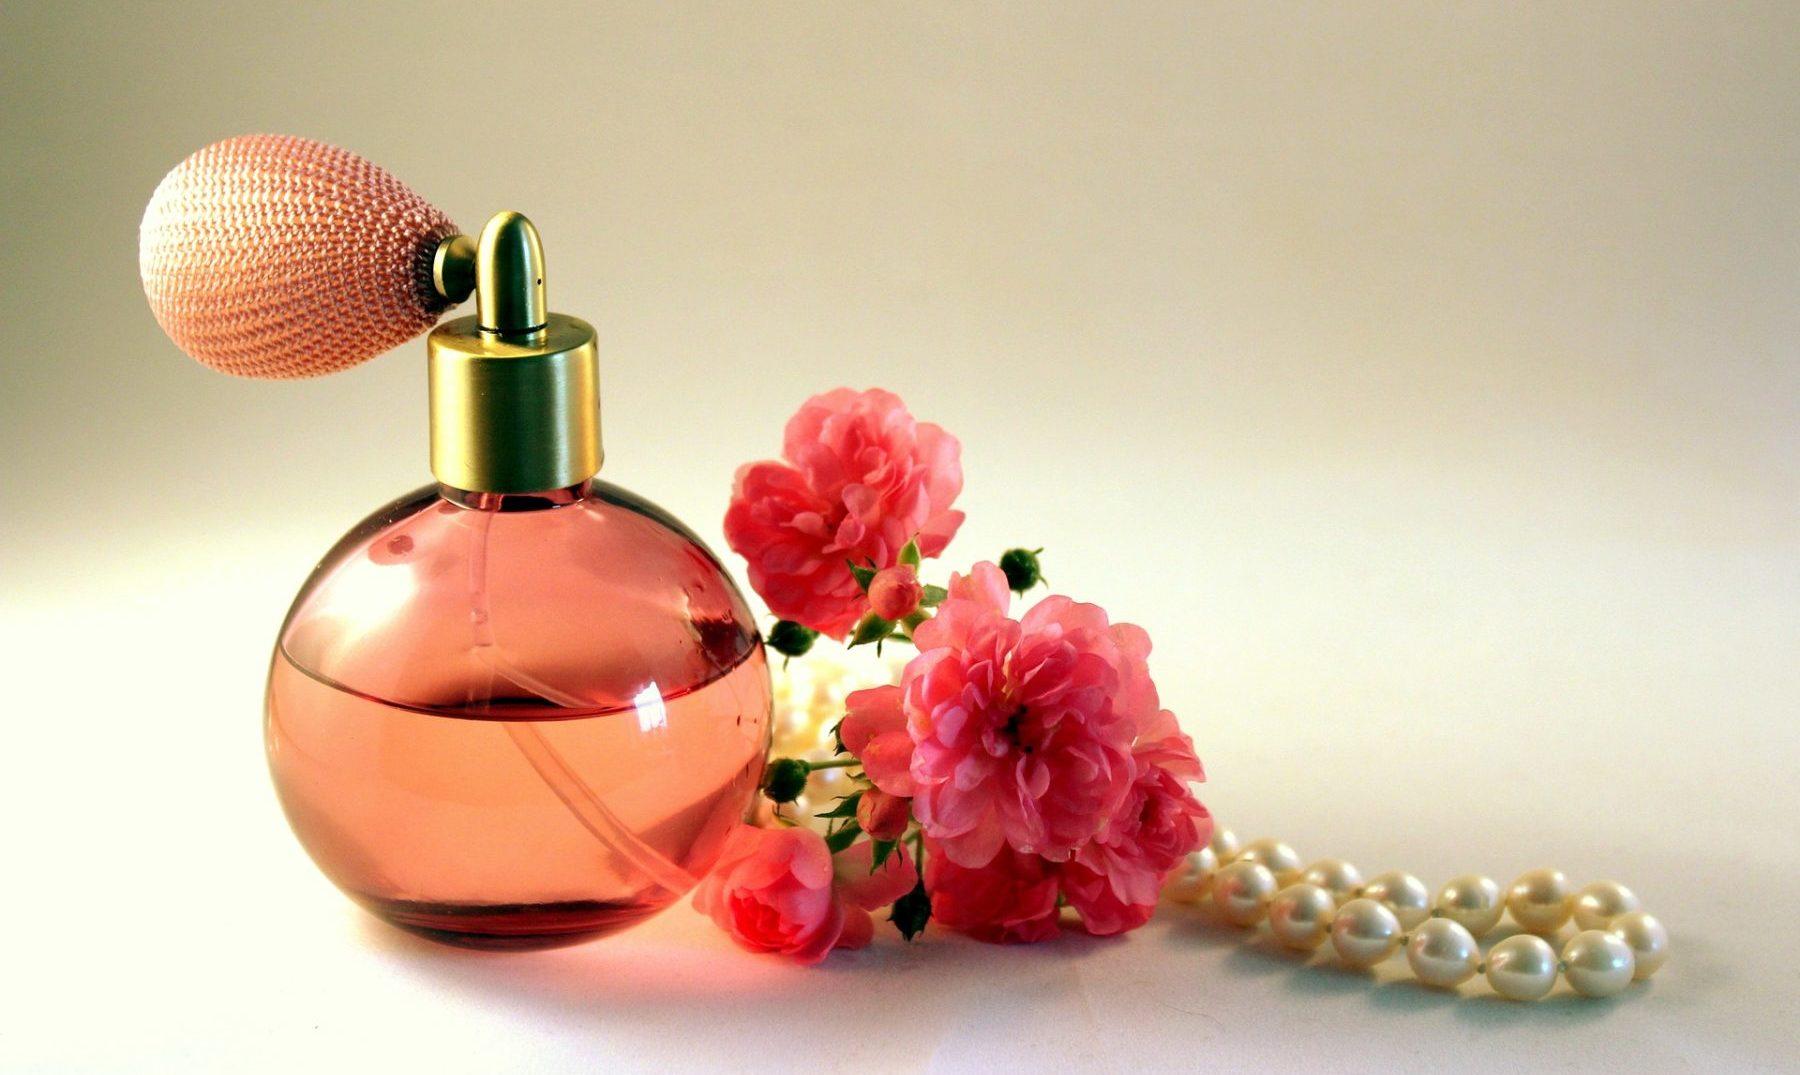 Parfümflacon neben Rosenblüten und eine Perlenkette